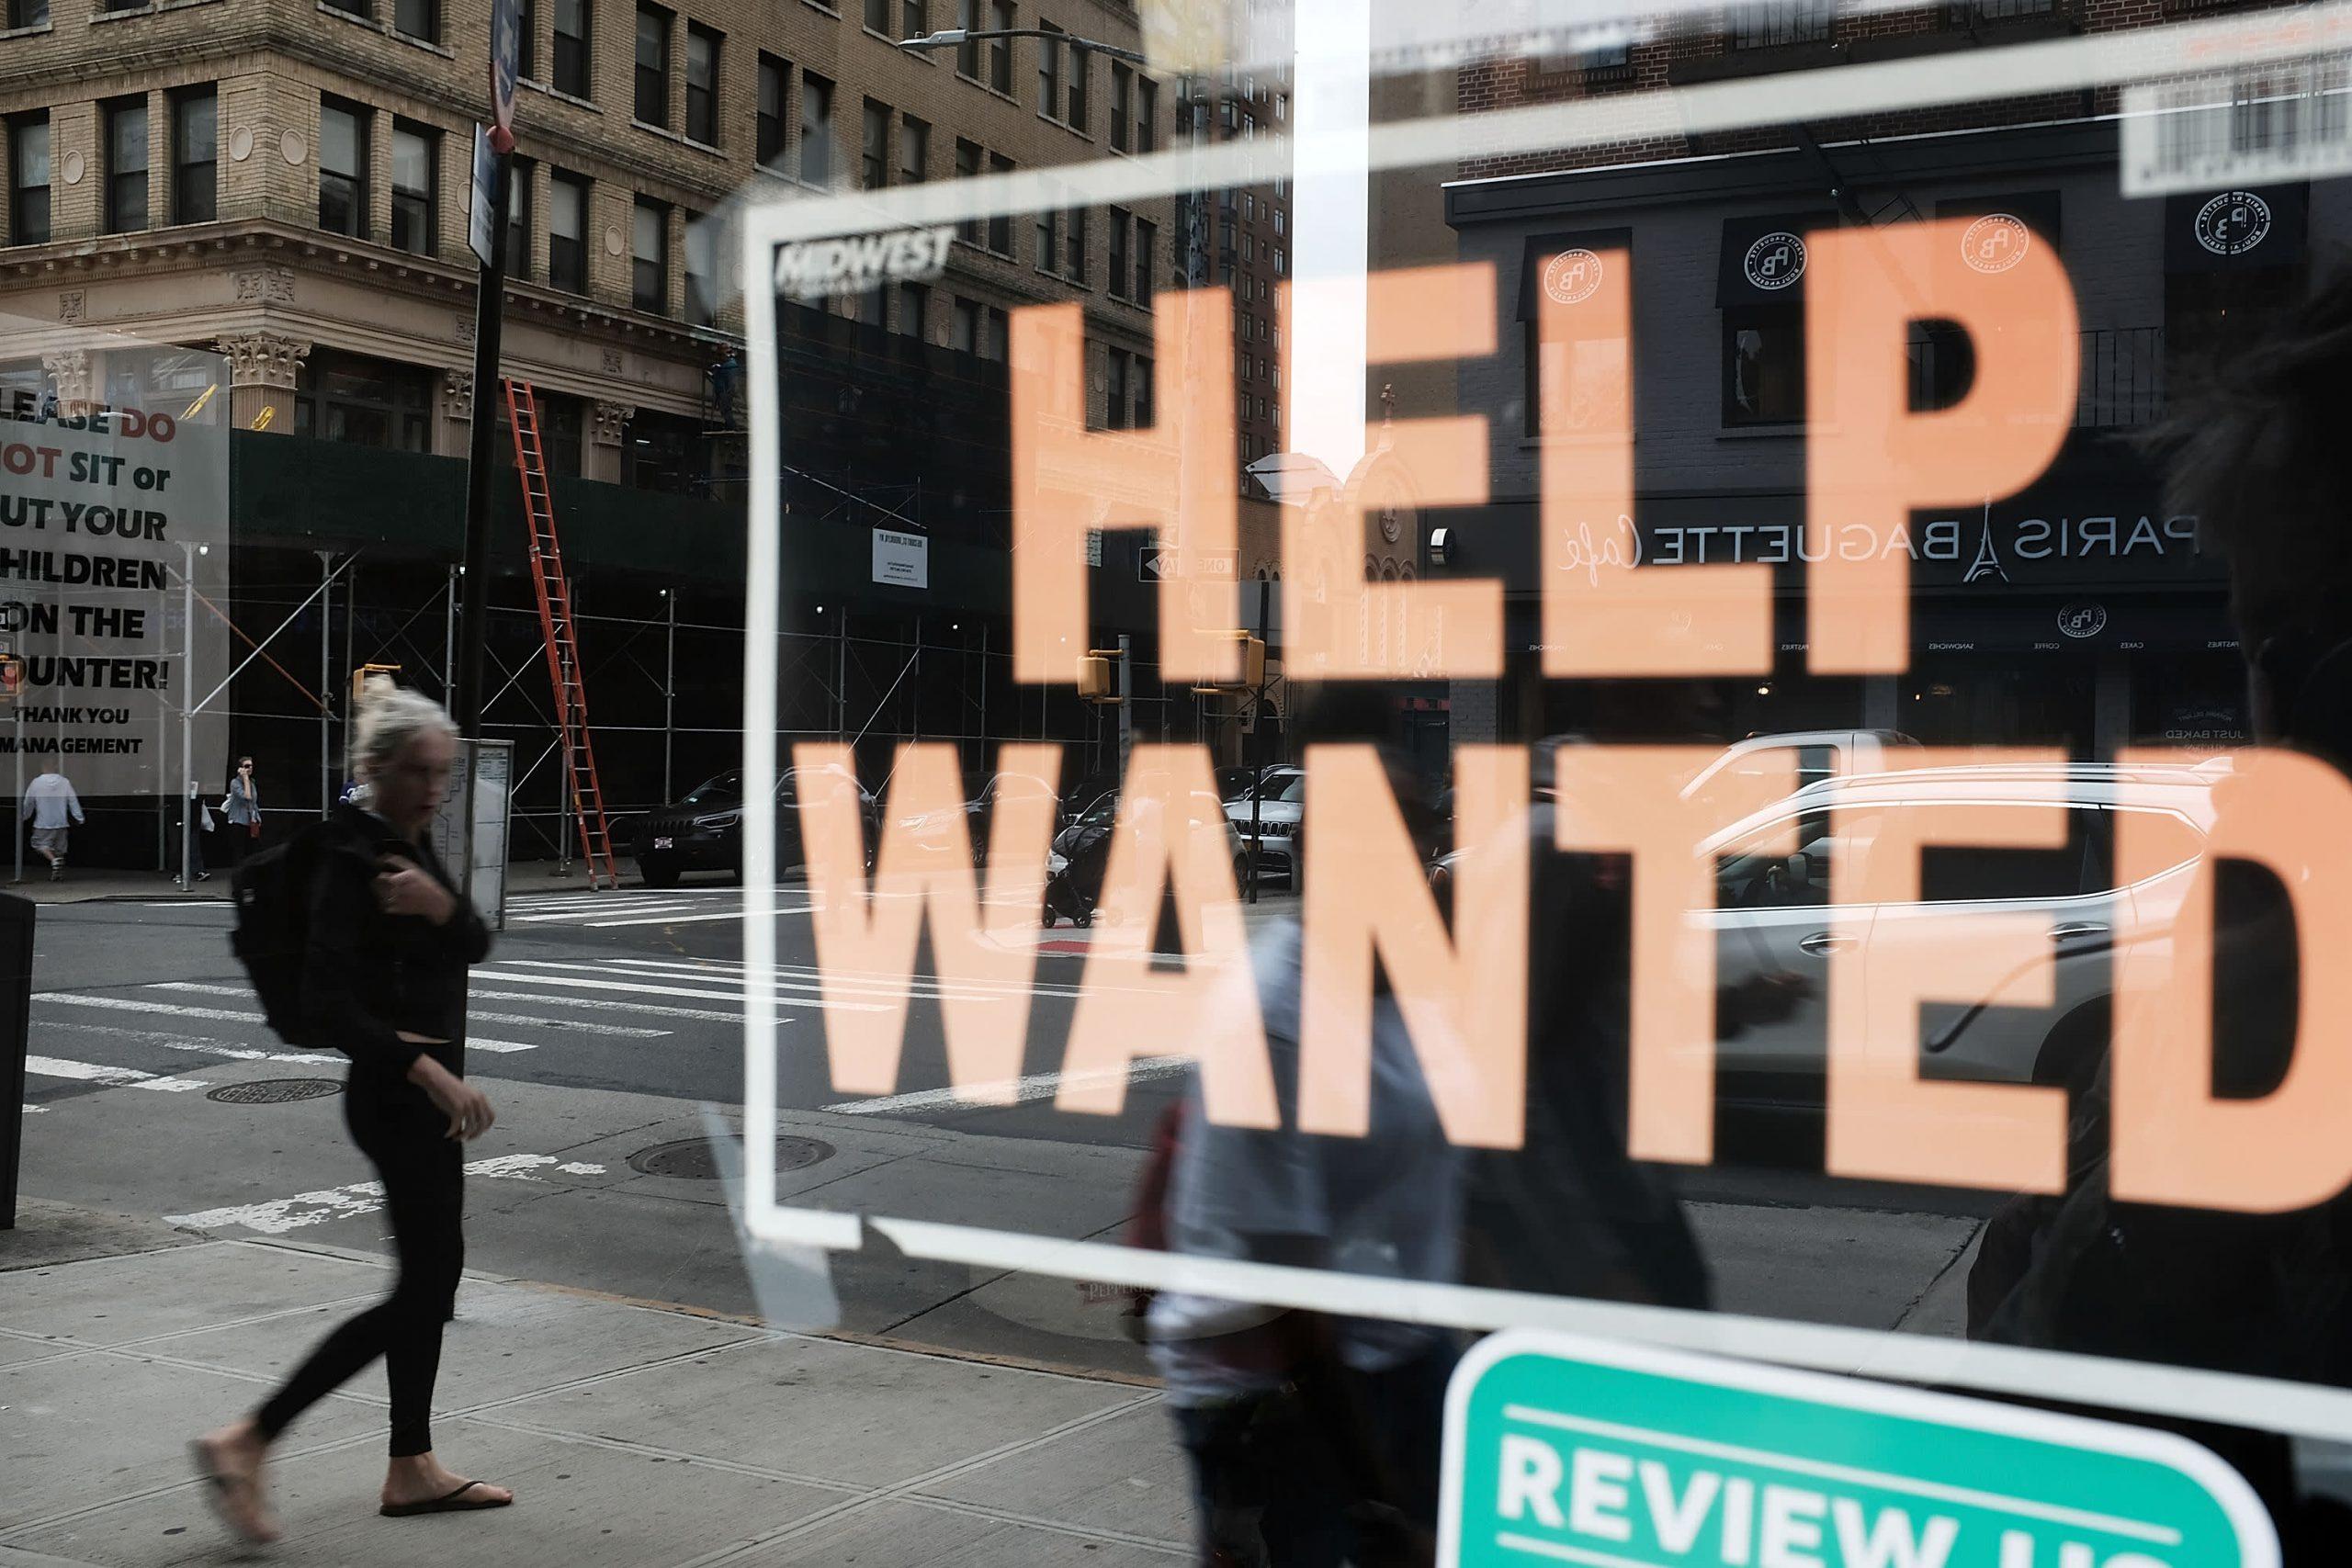 El jefe de la Cámara de Comercio dice que la escasez de mano de obra es el principal problema empresarial y elogia el acuerdo de infraestructura